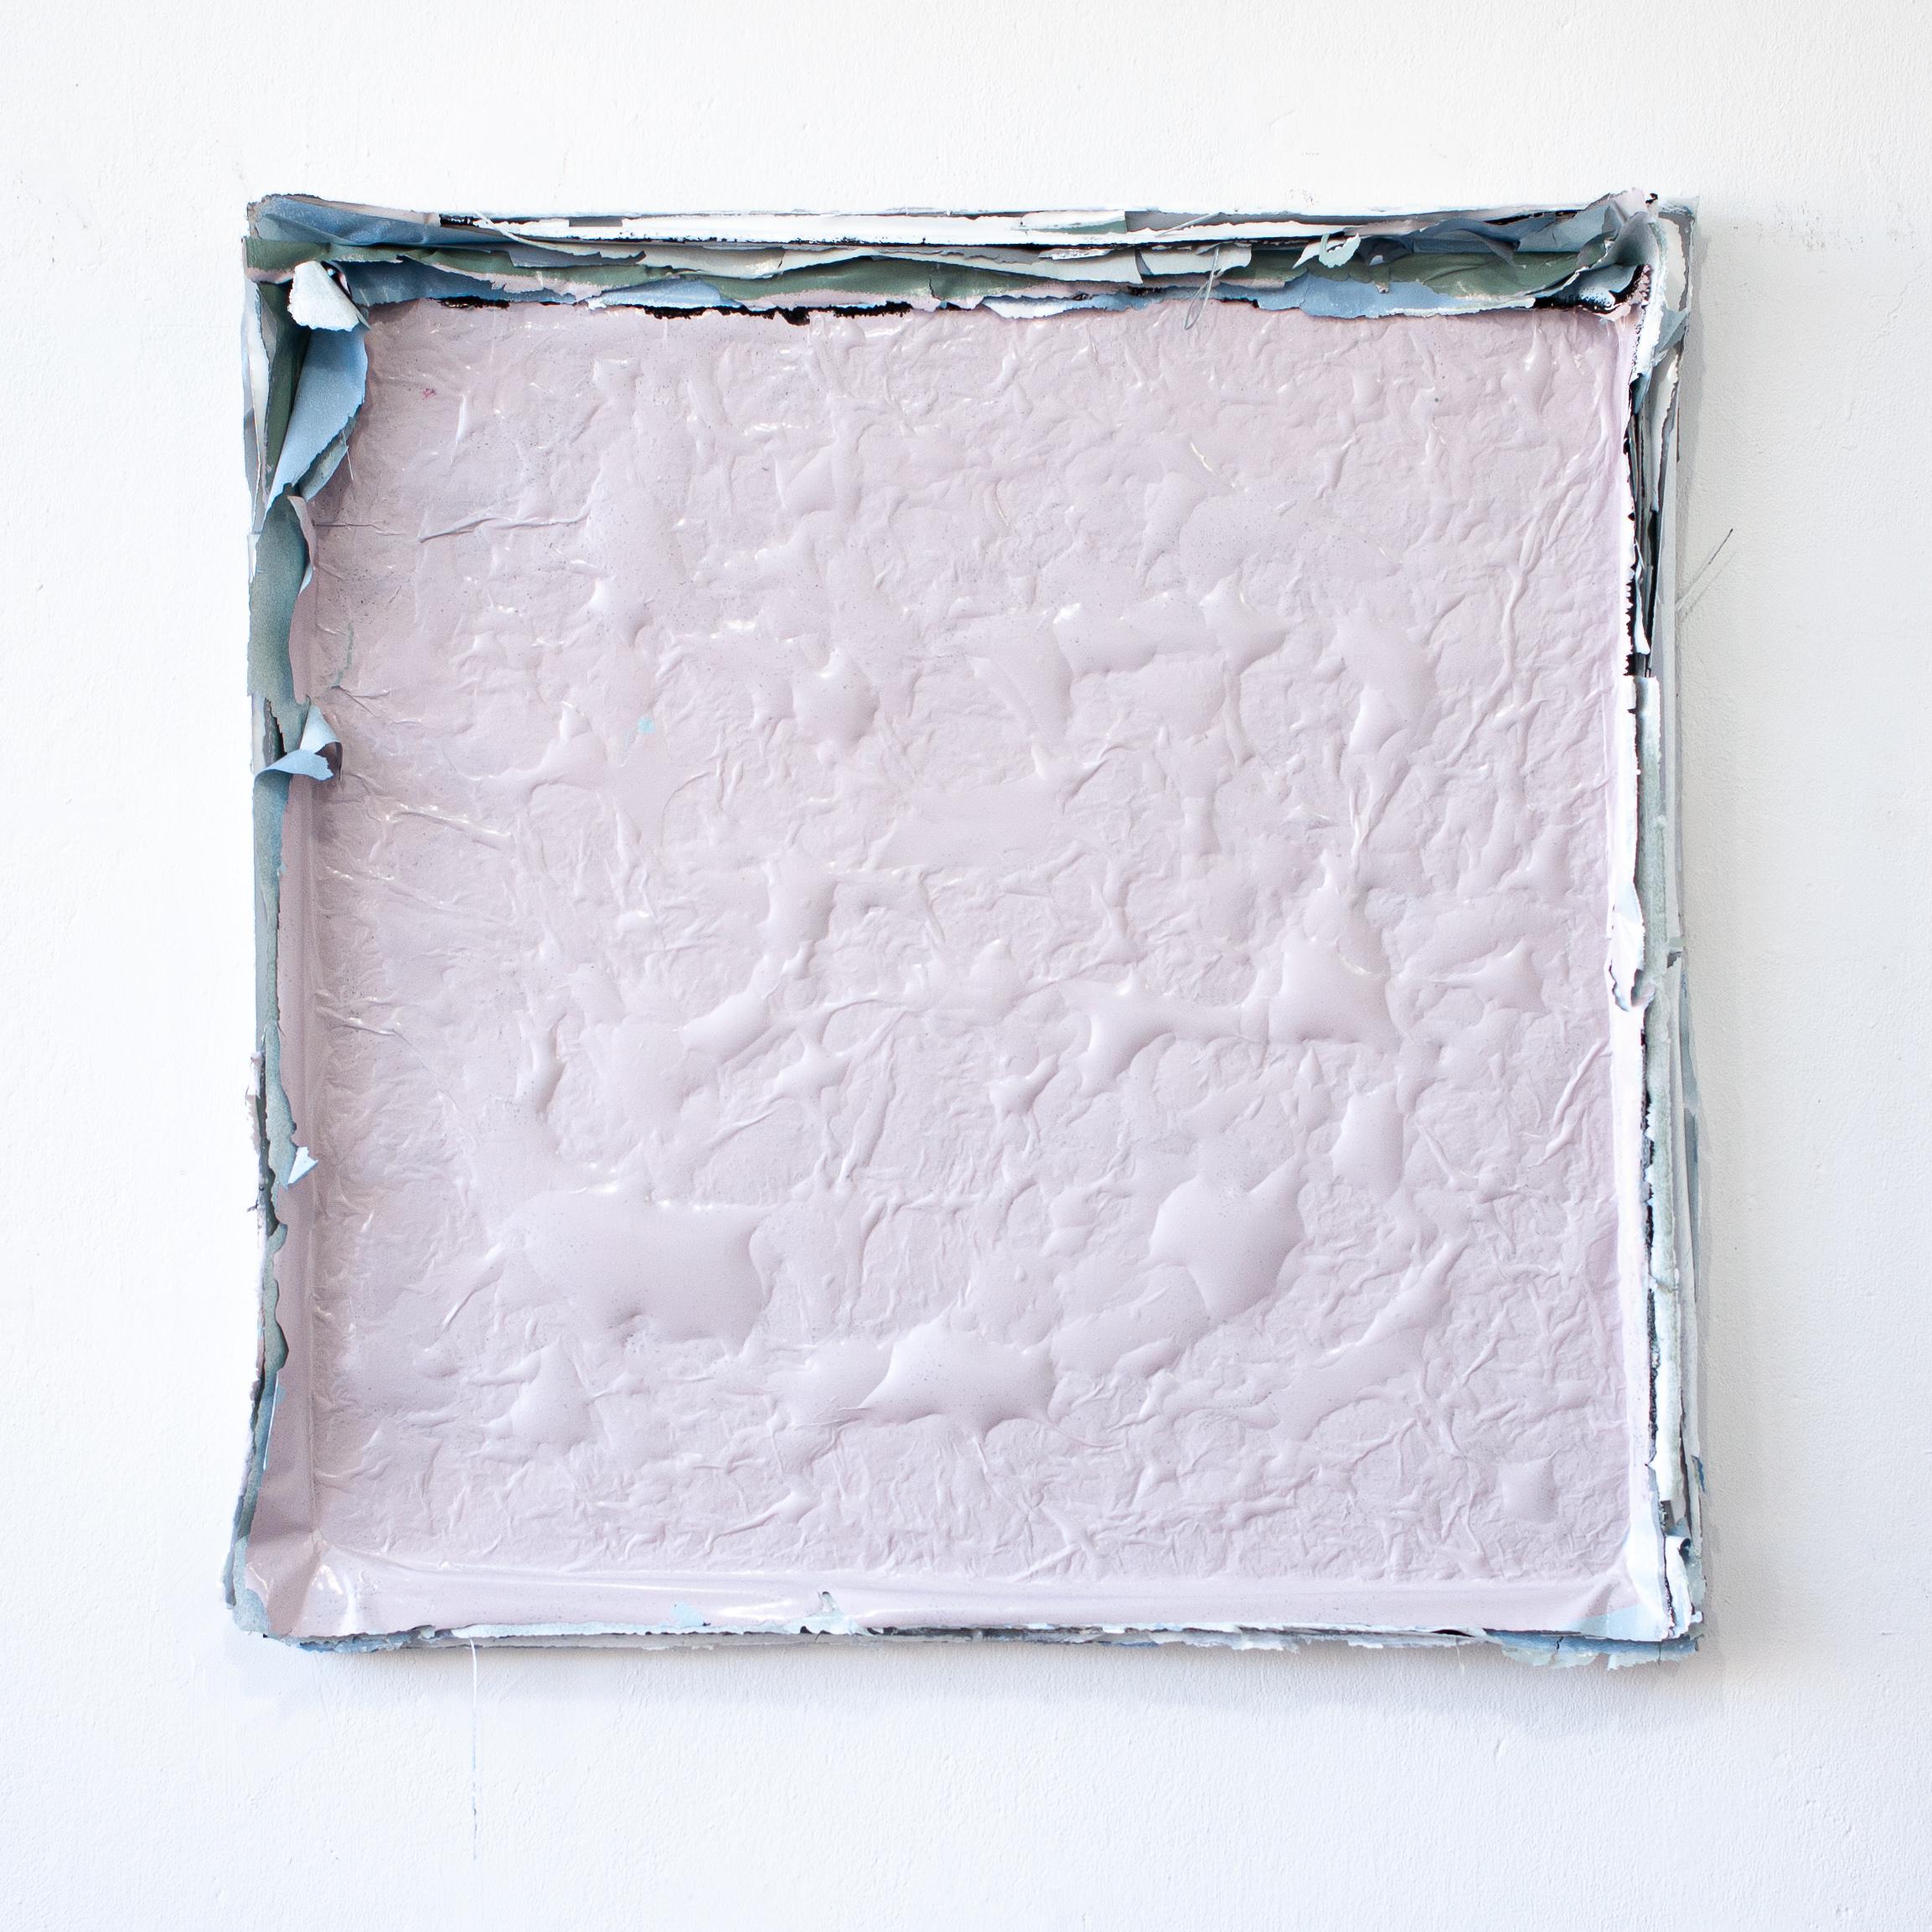 Małgorzata Pawlak, Warstwowy różowy, 2019, 75x75 cm, akryl na płótnie